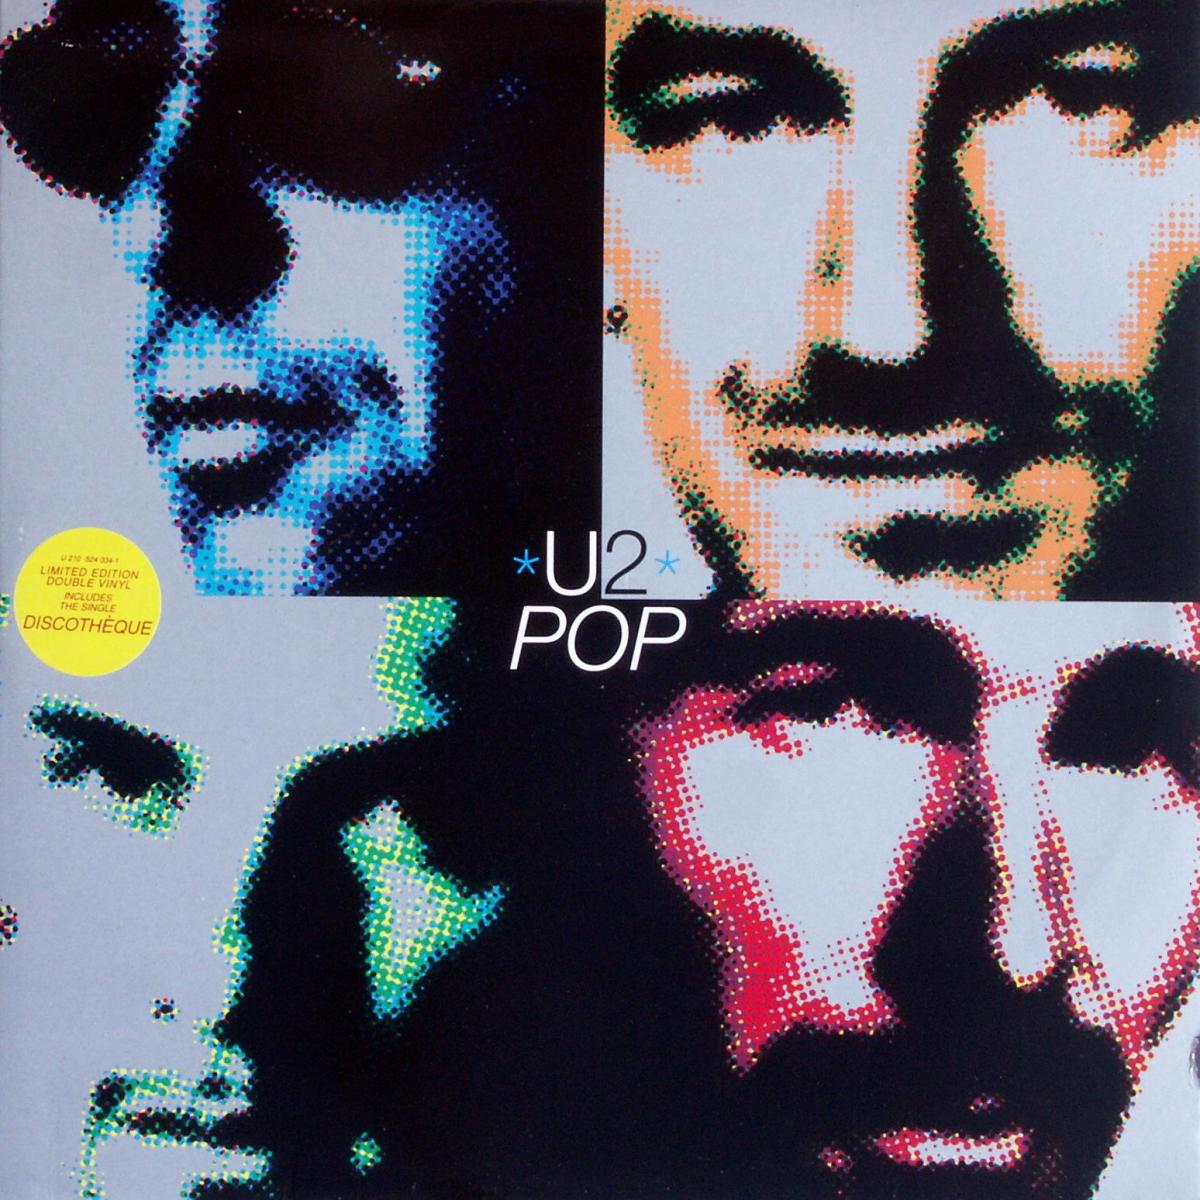 U2 - Pop [LP] 0